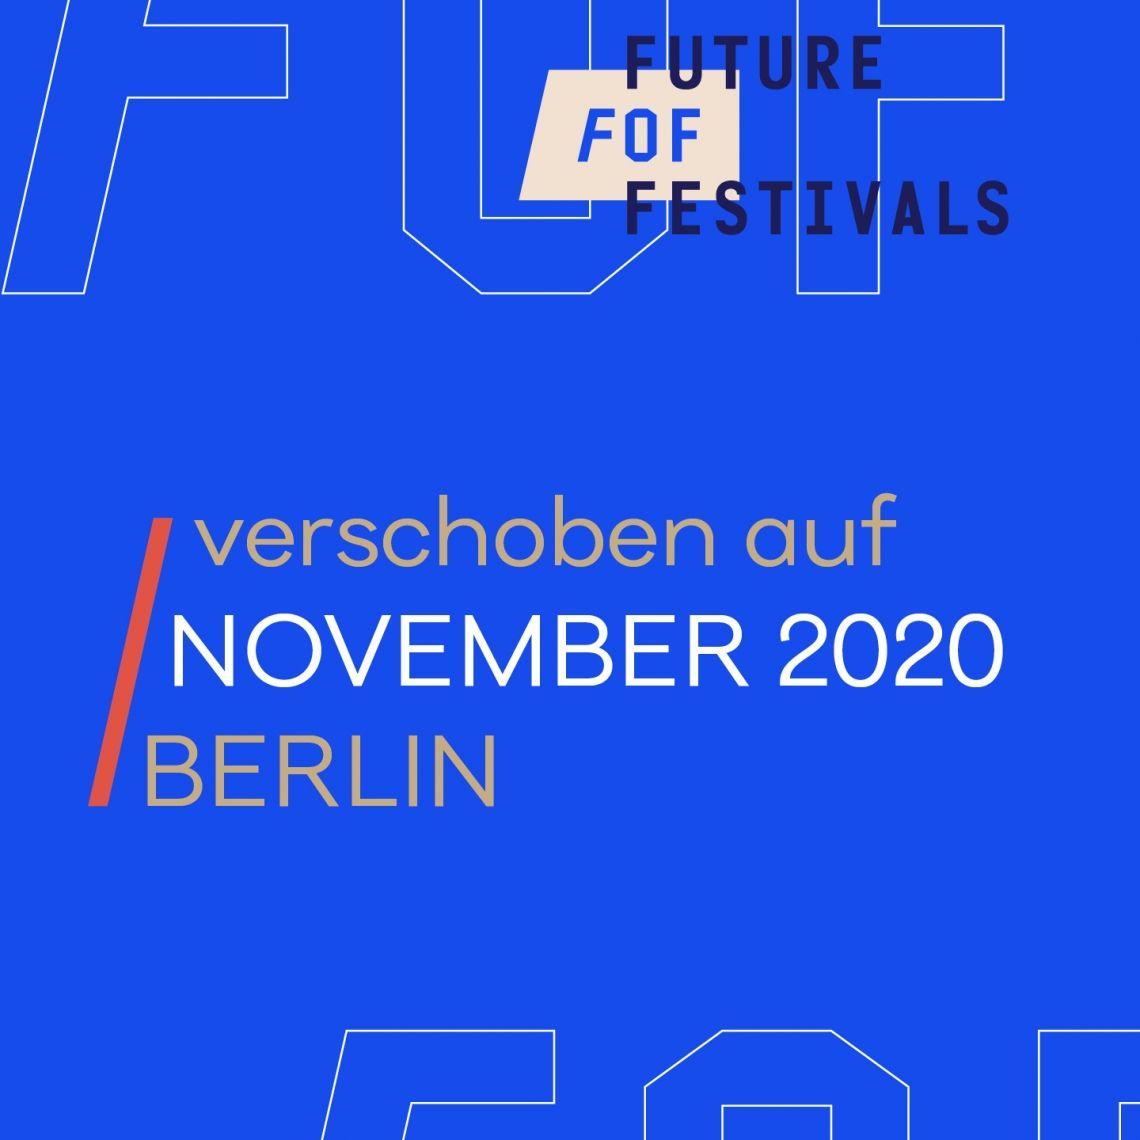 Future of Festivals (FoF) auf November 2020 verschoben